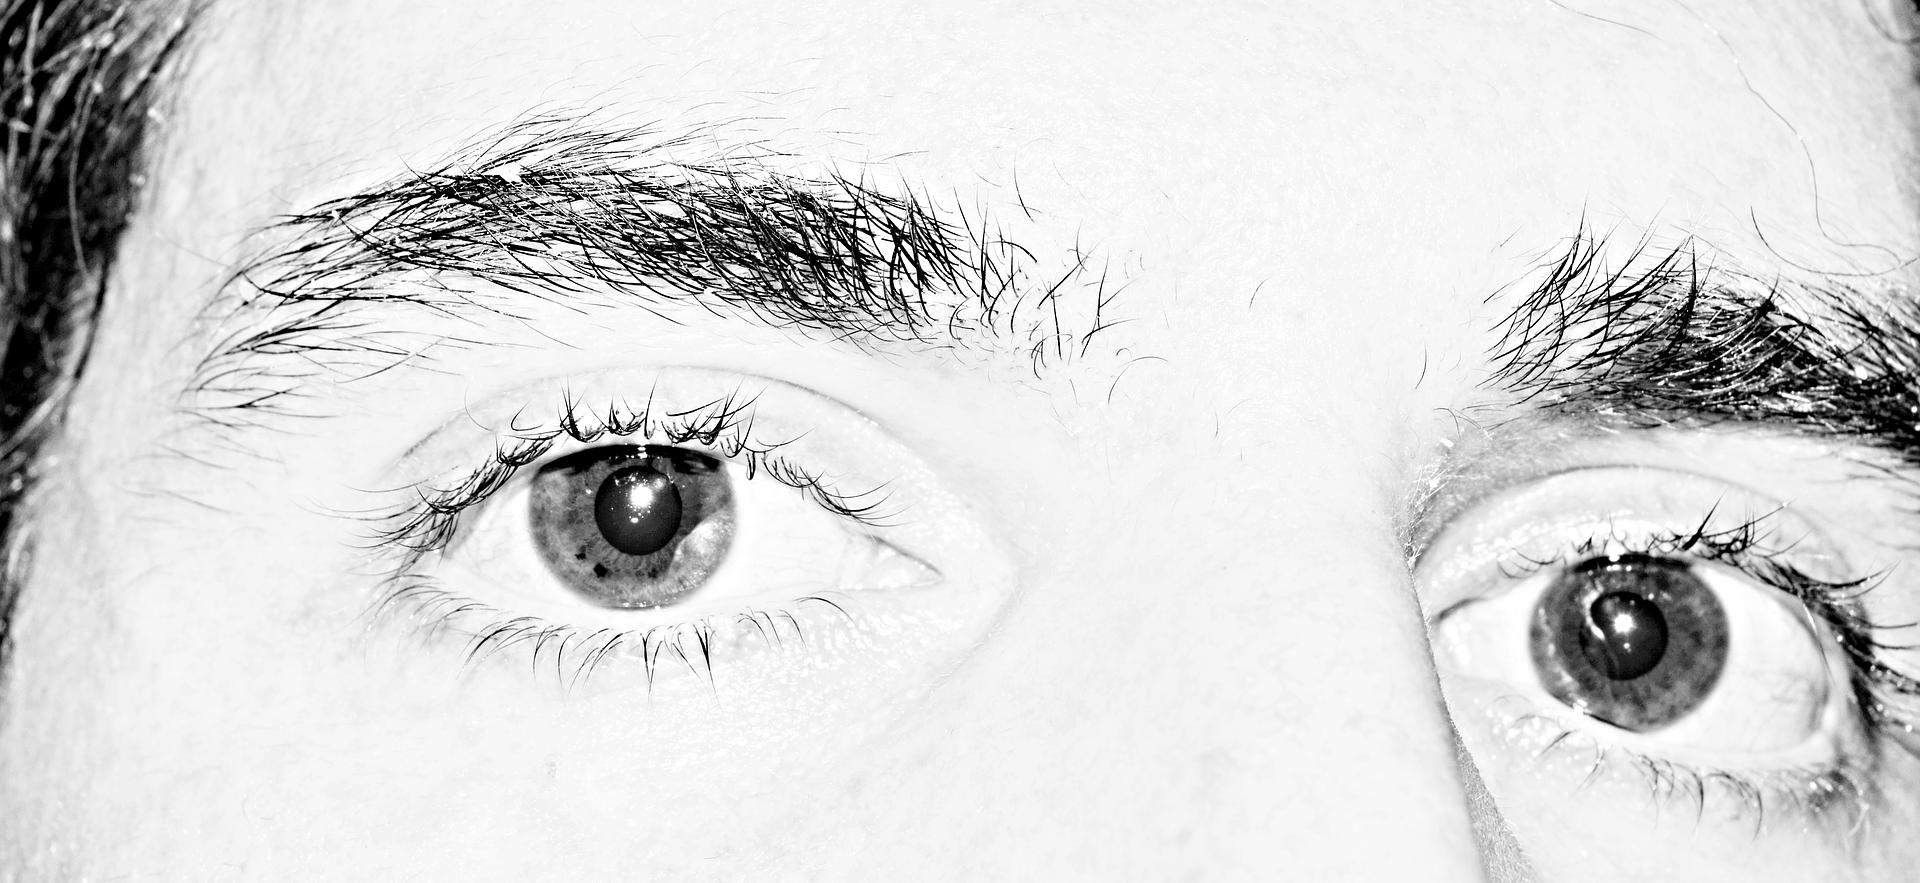 eye-1283884_1920